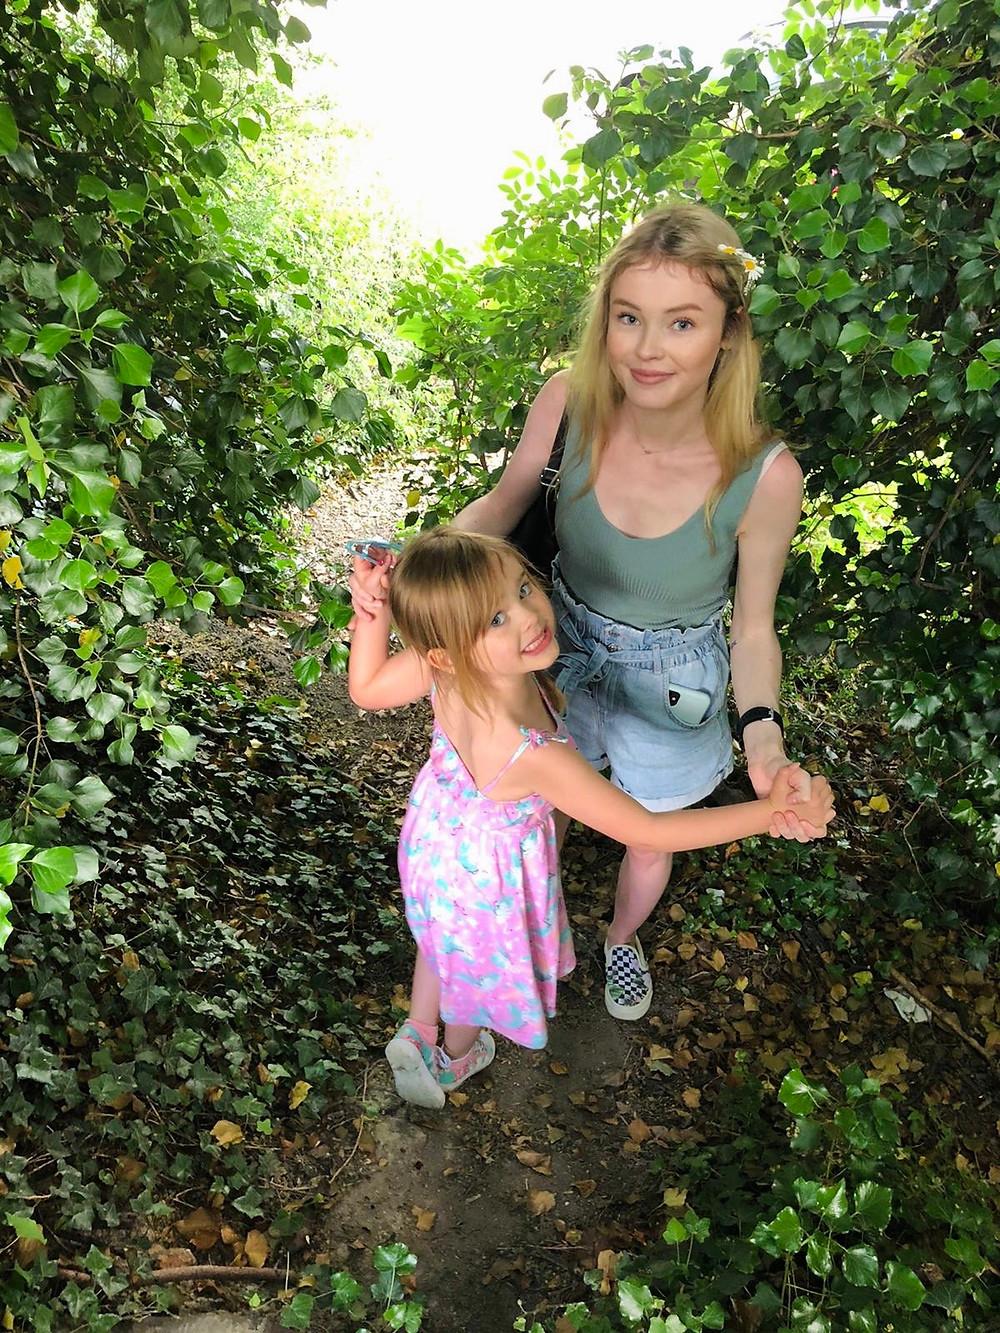 Megan and Libby dancing among trees.